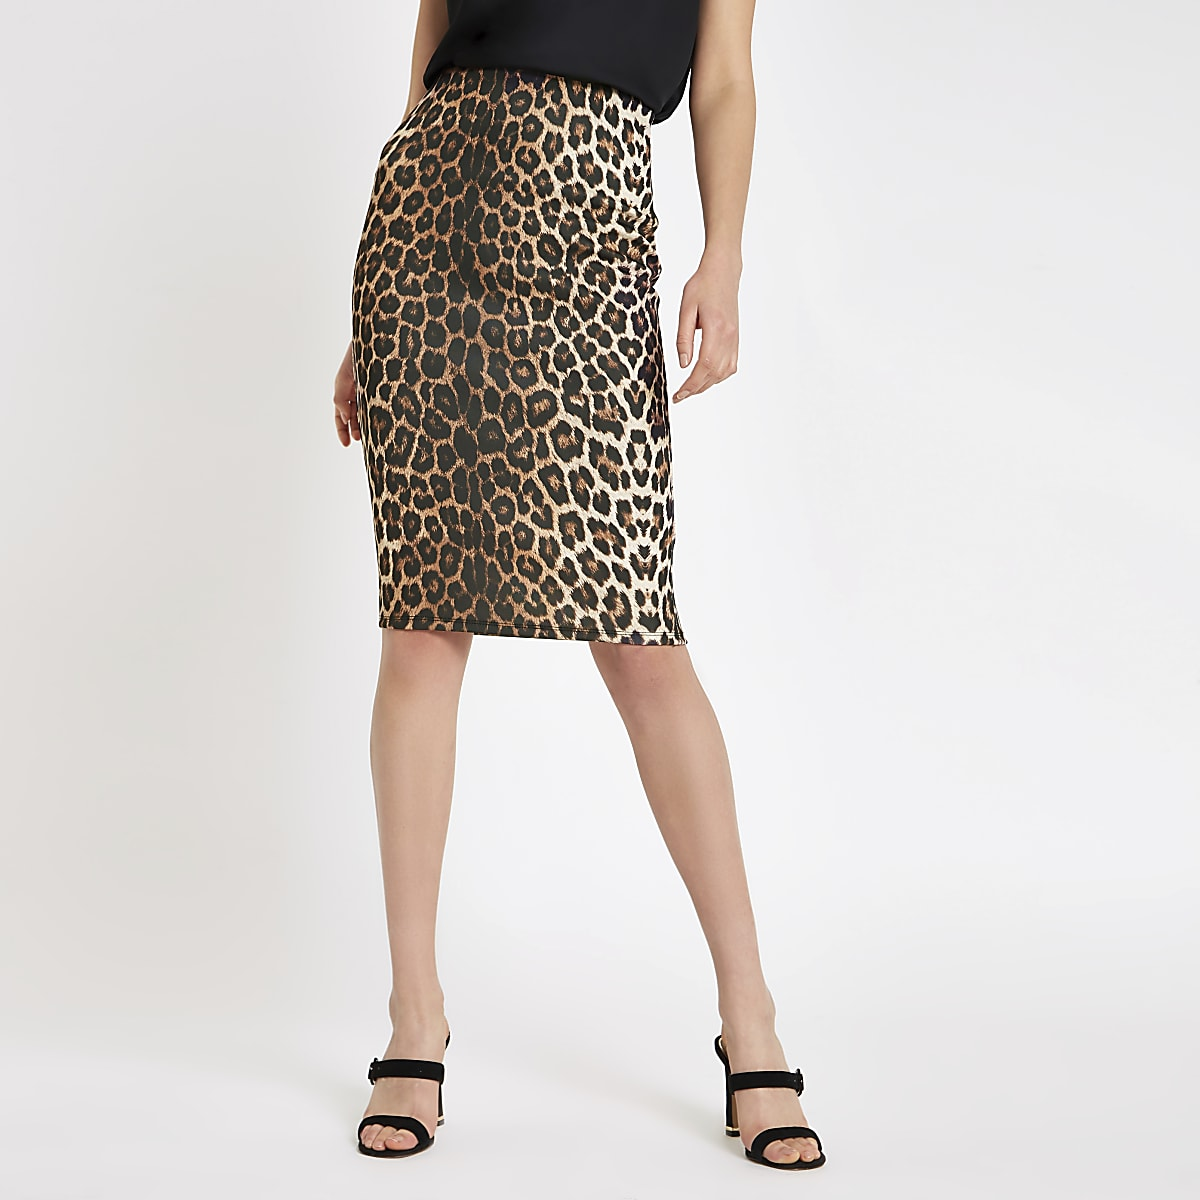 980828c01 Brown leopard print pencil skirt - Midi Skirts - Skirts - women